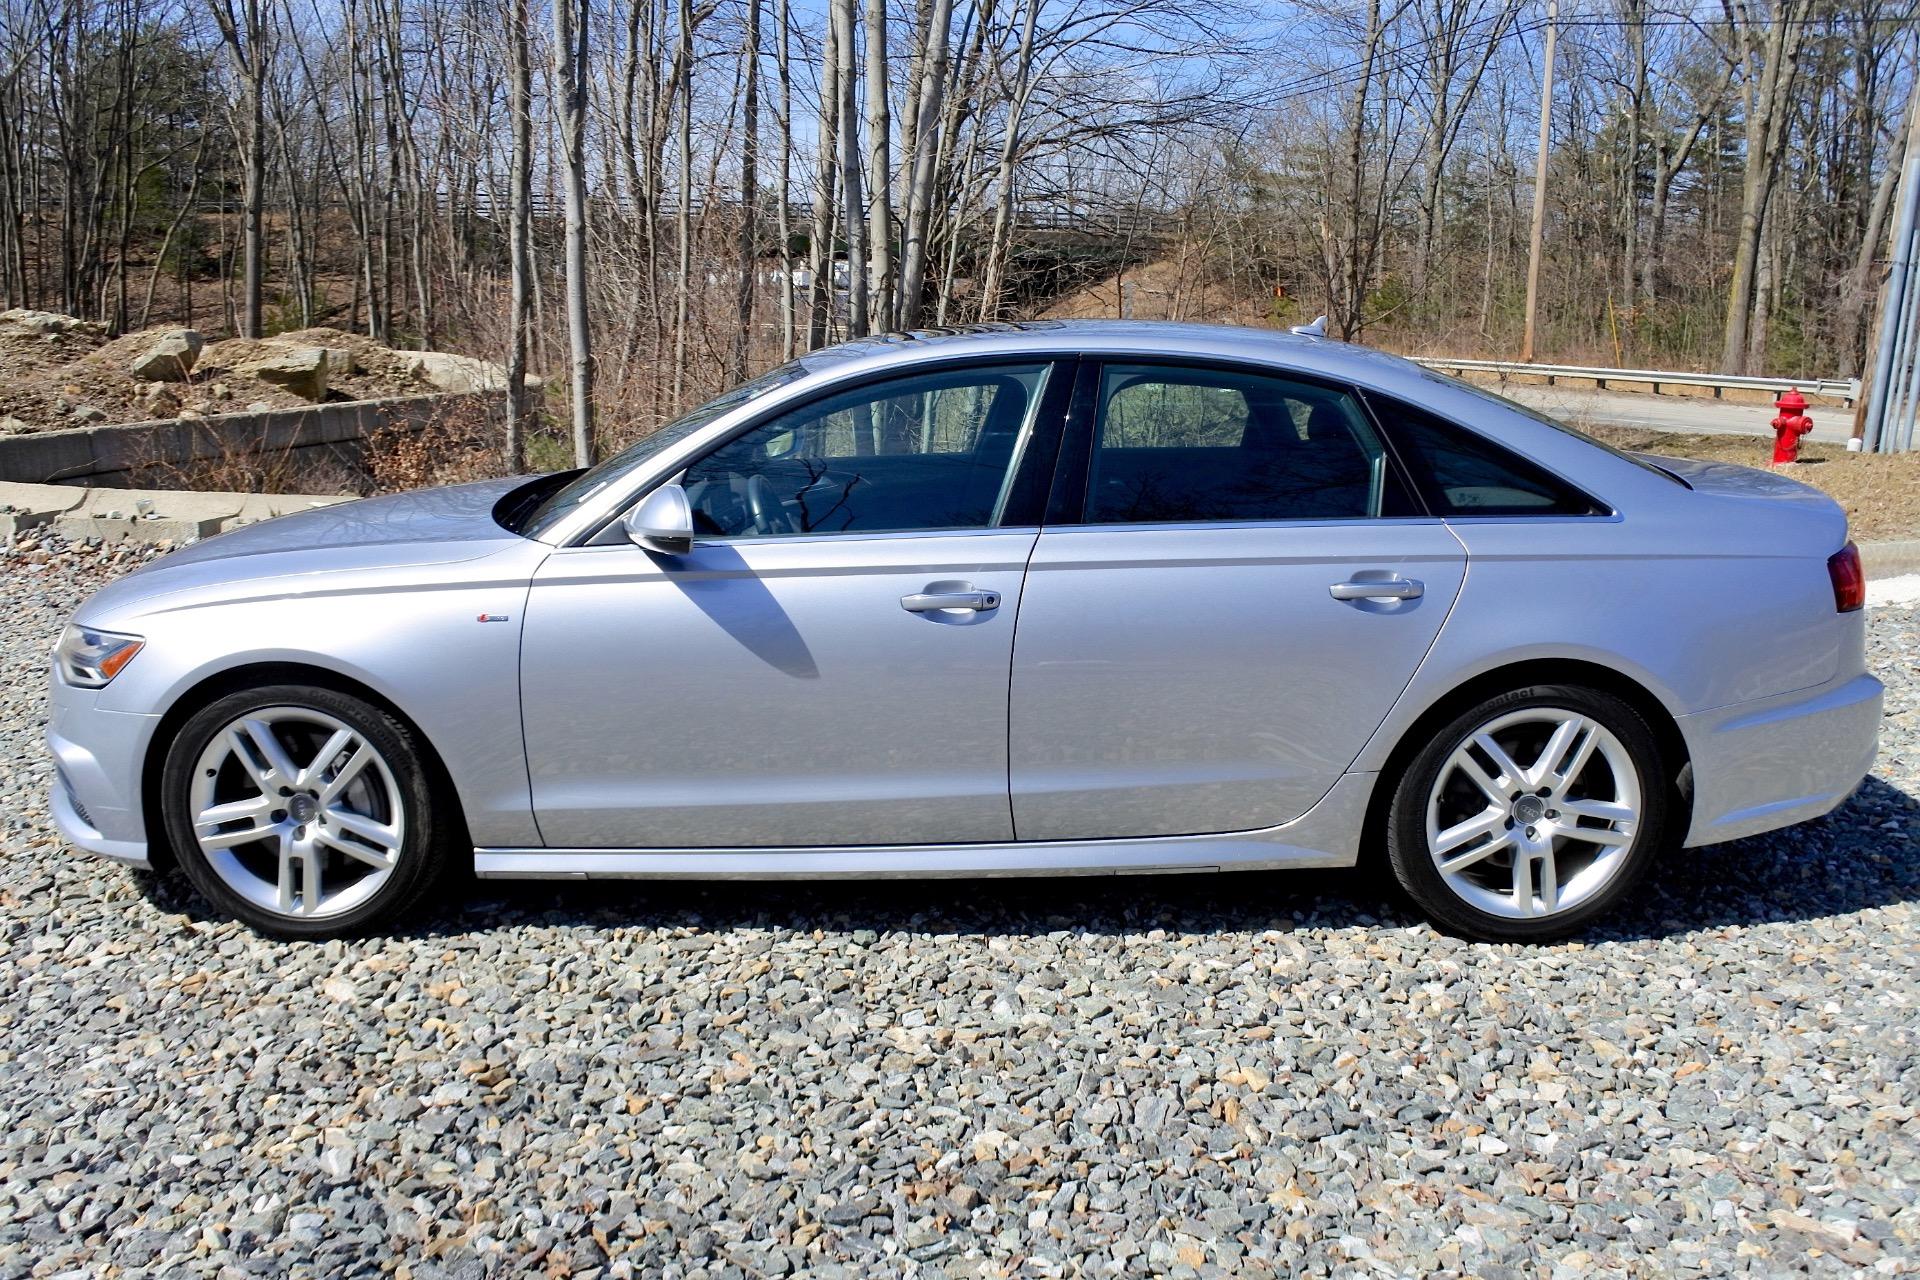 Used 2016 Audi A6 3.0 TDI Premium Plus Quattro Used 2016 Audi A6 3.0 TDI Premium Plus Quattro for sale  at Metro West Motorcars LLC in Shrewsbury MA 2